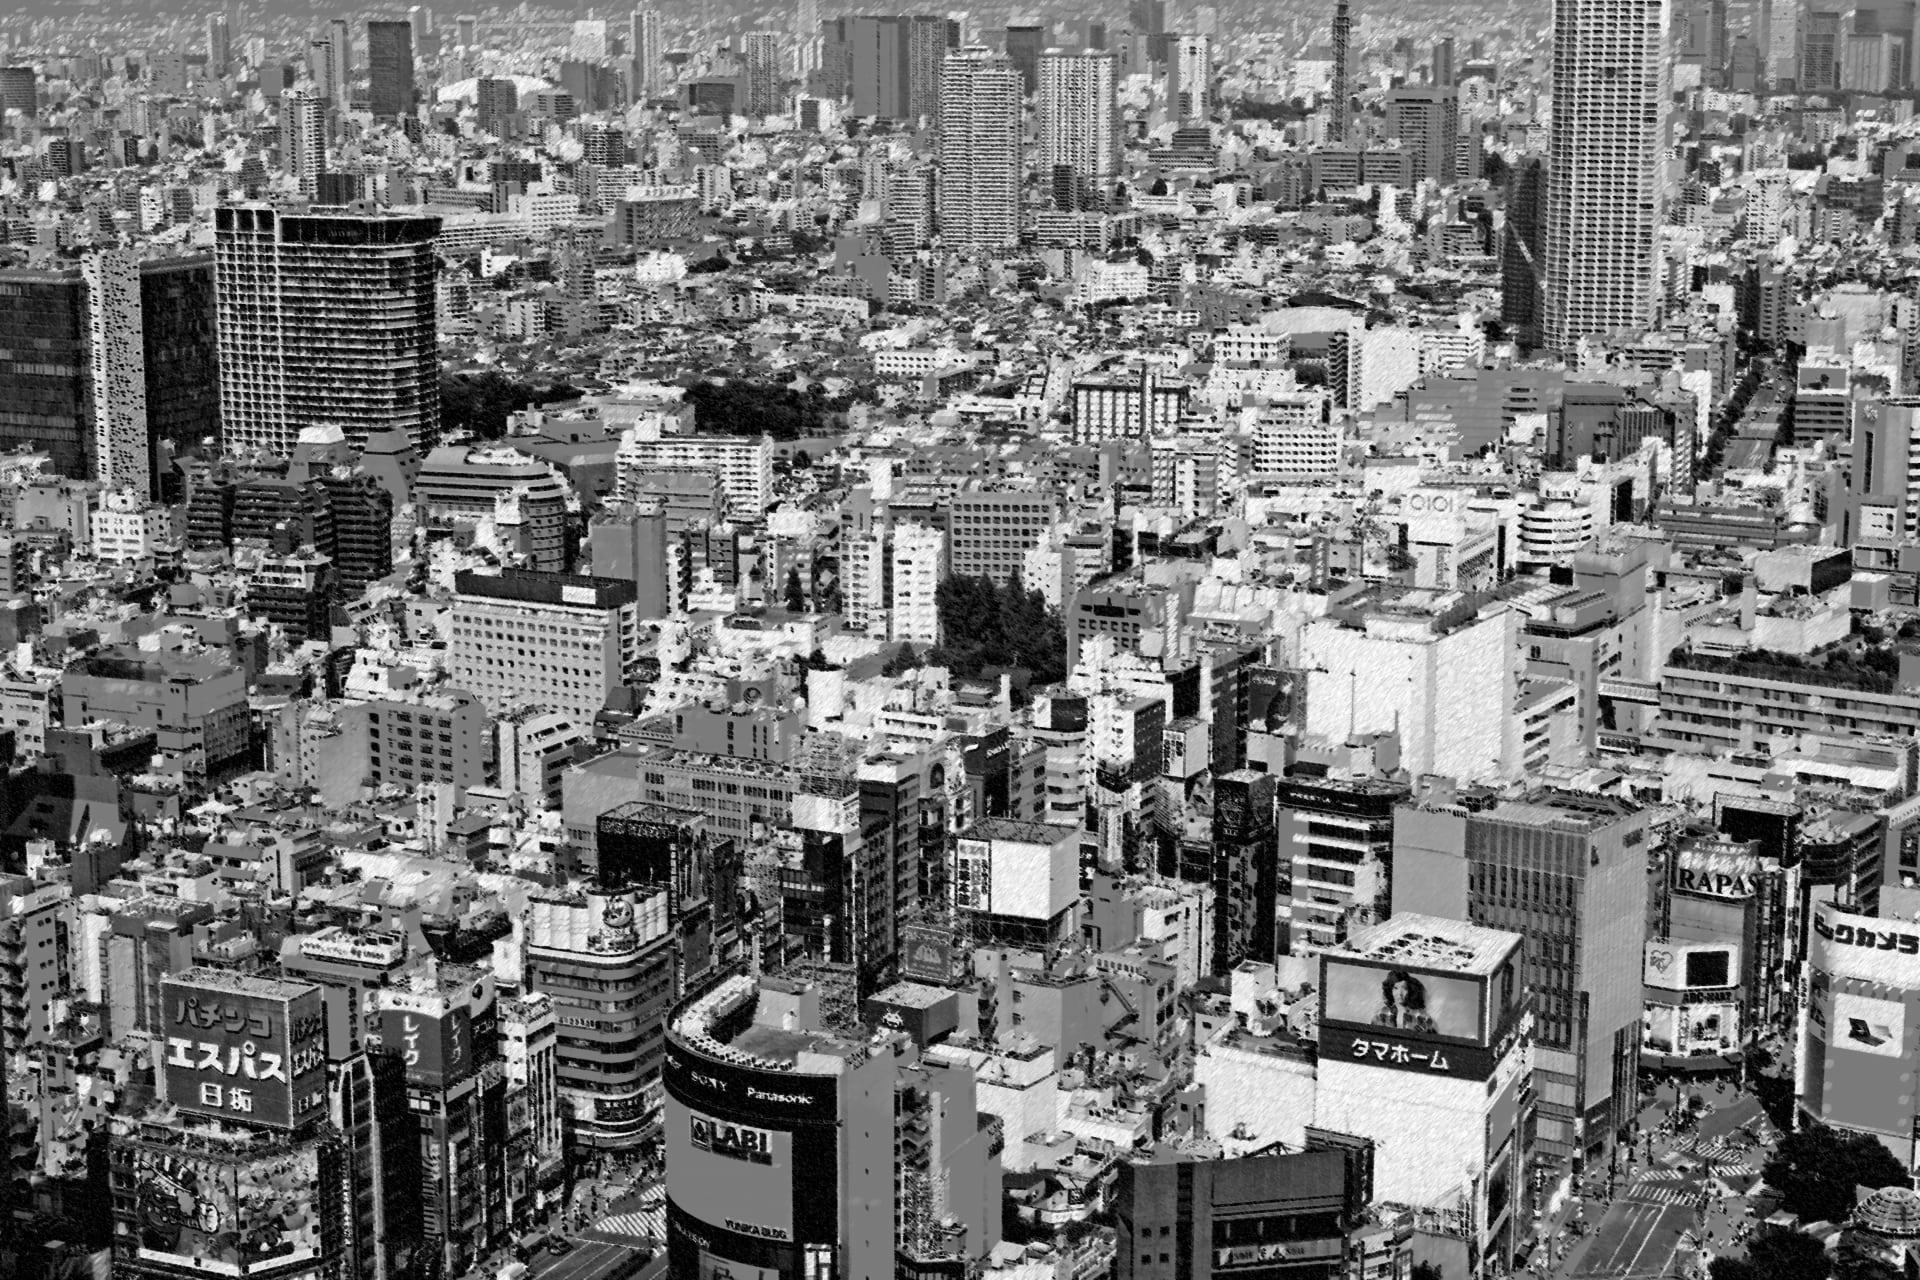 長嶋修も解説!平成最後に振り返る欠陥住宅史と業界